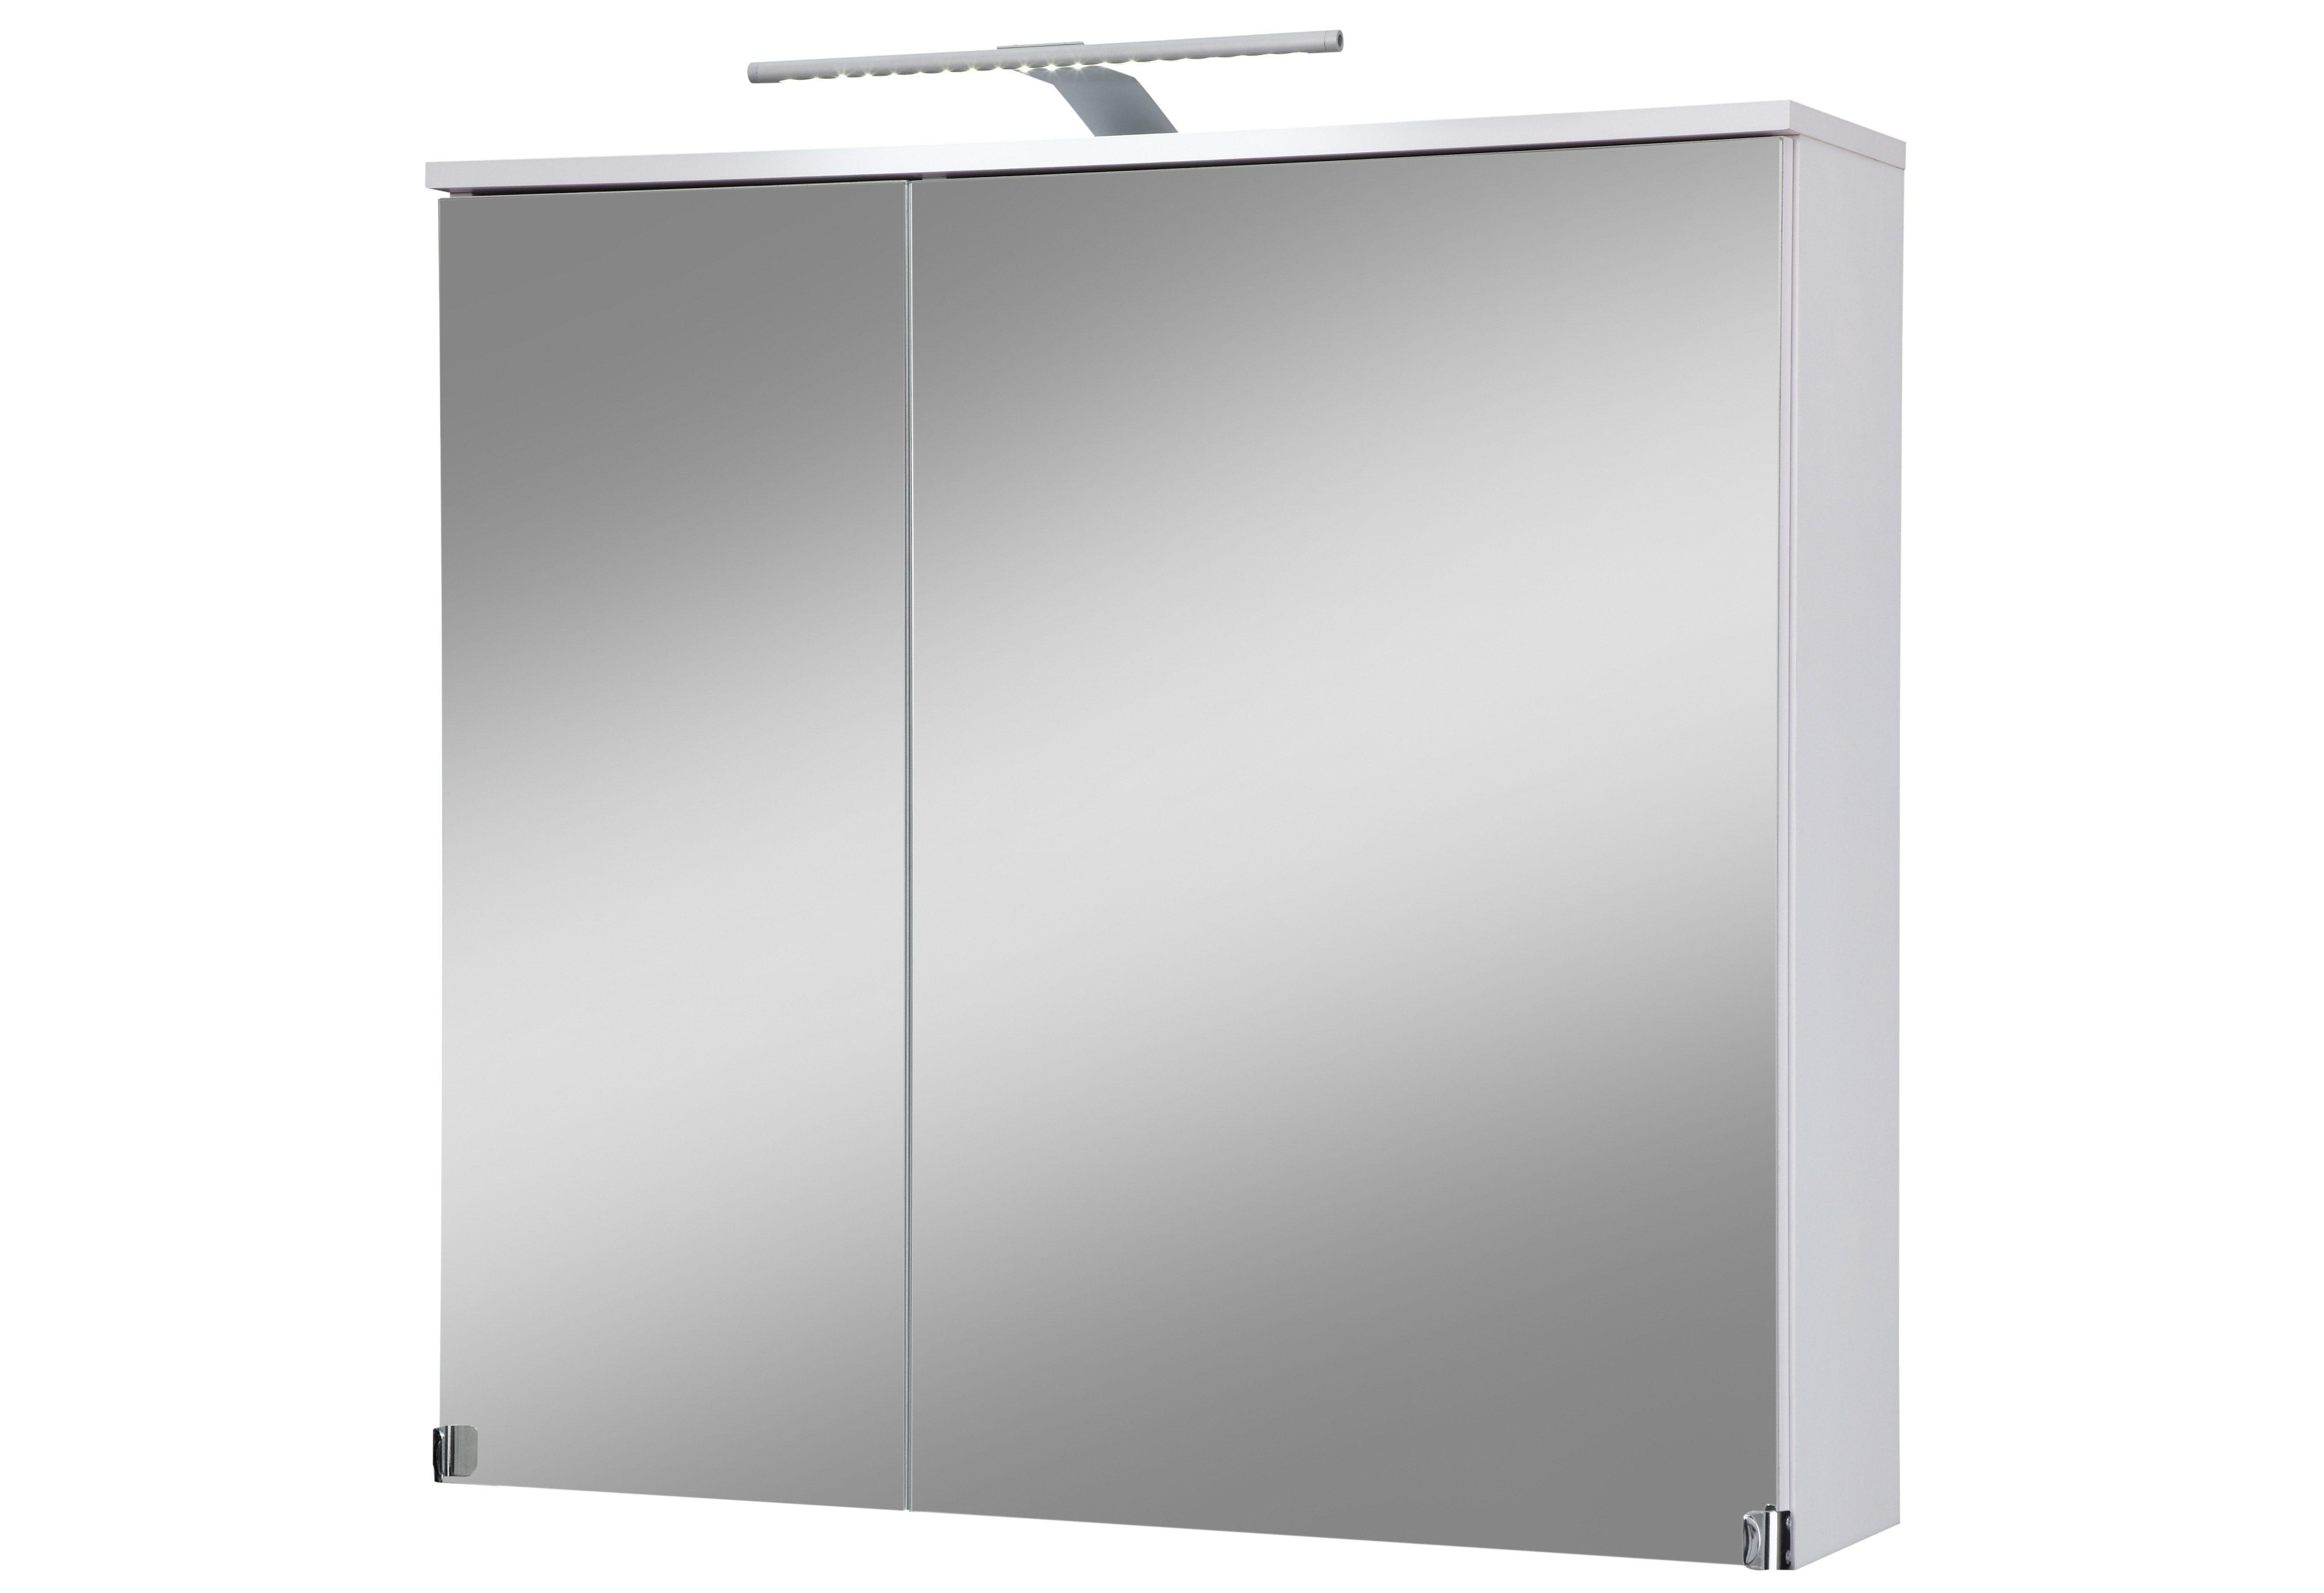 Kesper Spiegelschrank »Novara« Breite 80 cm, mit LED-Beleuchtung